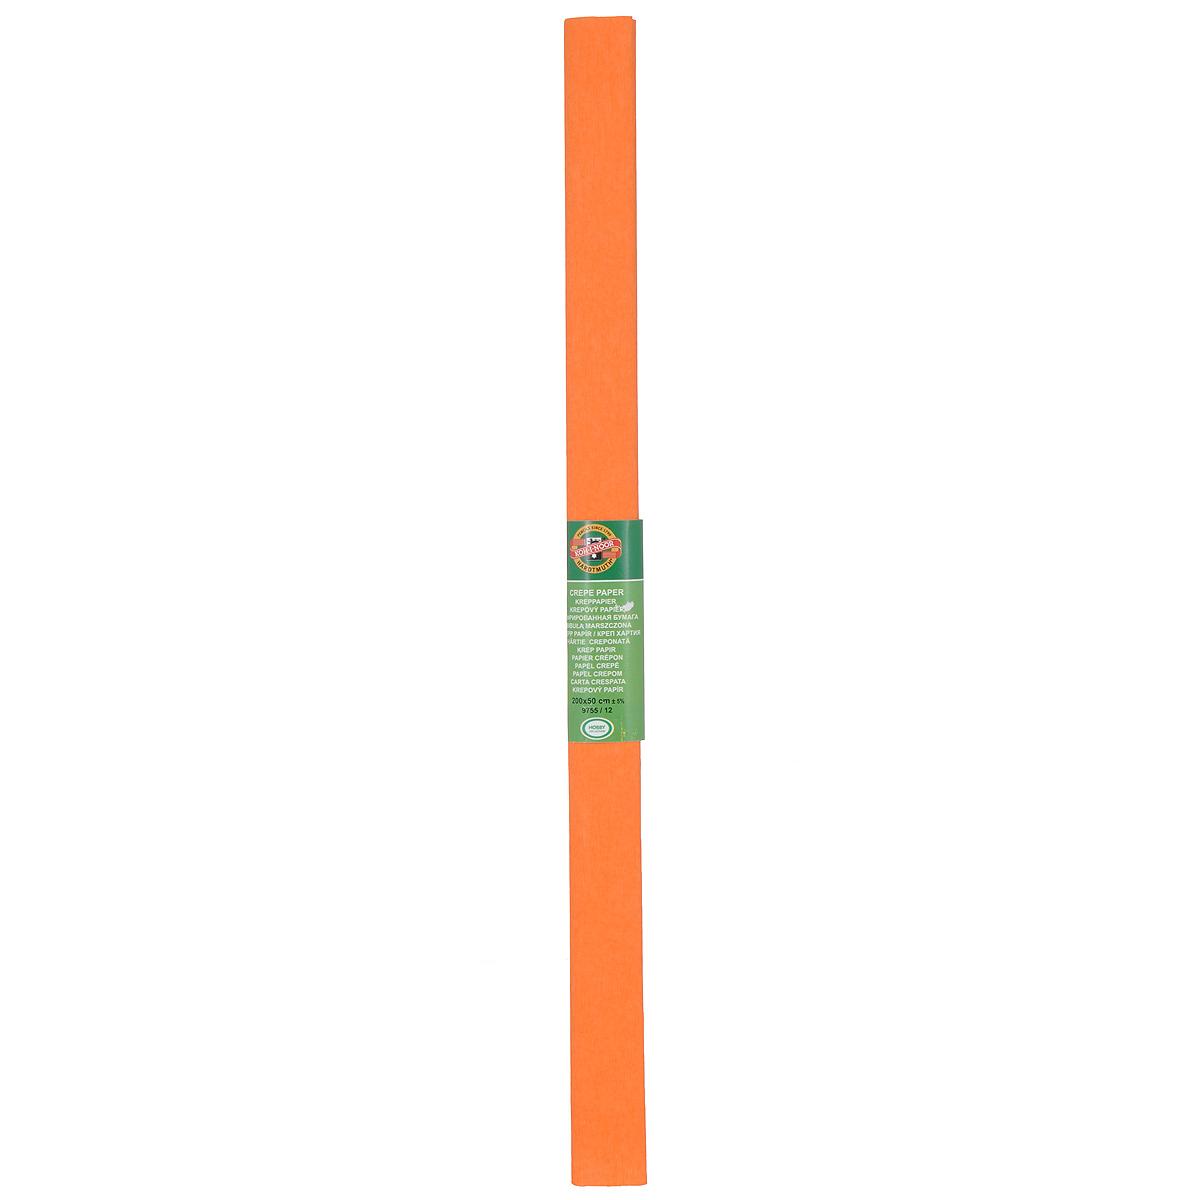 Бумага гофрированная Koh-I-Noor, цвет: оранжевый, 50 см x 2 м9755/12Гофрированная бумага Koh-I-Noor - прекрасный материал для декорирования, изготовления эффектной упаковки и различных поделок. Бумага прекрасно держит форму, не пачкает руки, отлично крепится и замечательно подходит для изготовления праздничной упаковки для цветов.